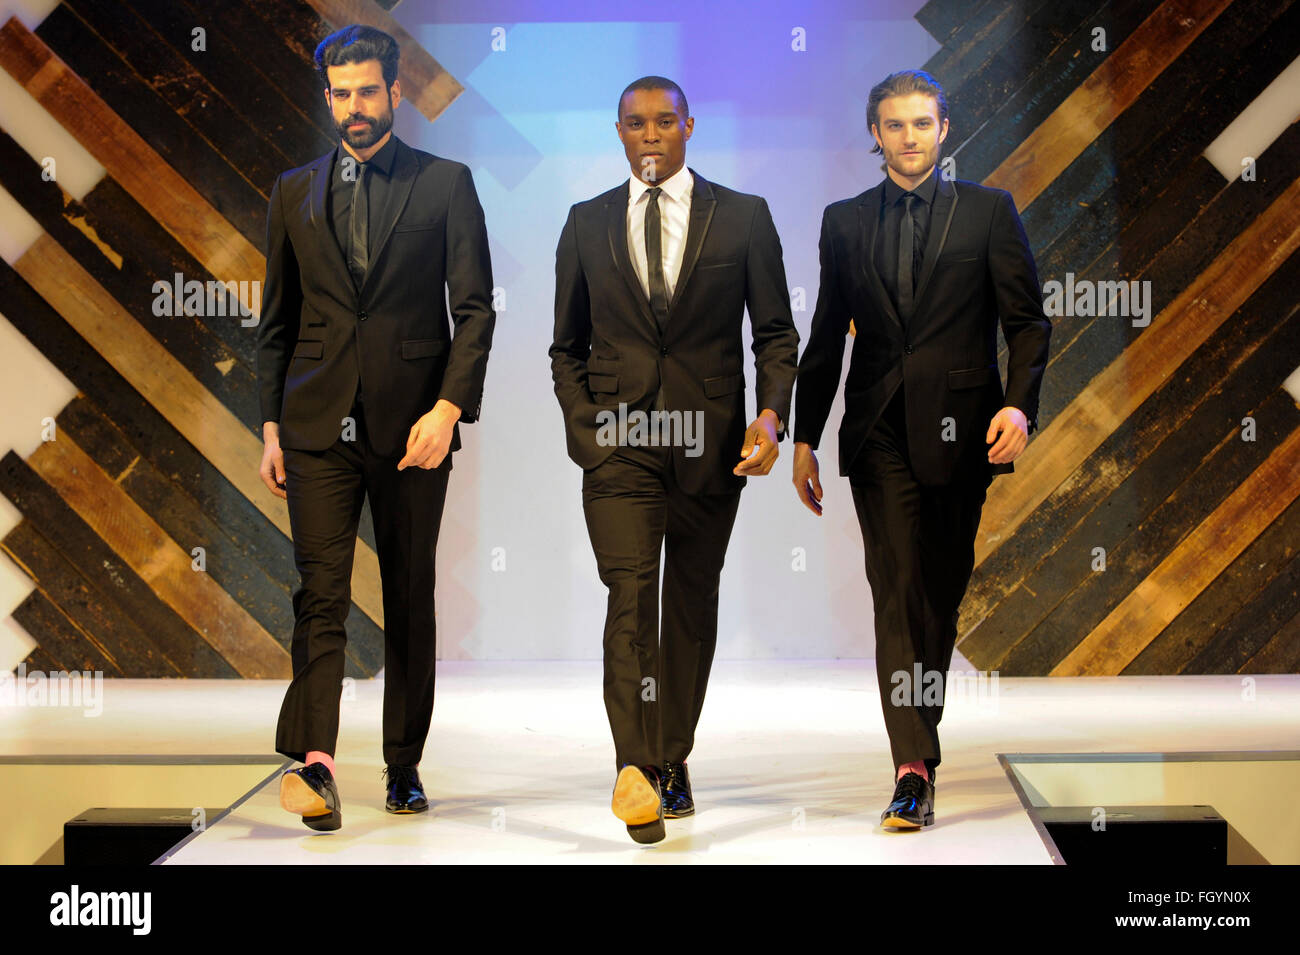 Modelos en la pasarela de la moda masculina en Moda, NEC Birmingham, Reino Unido, 22 de febrero de 2016. Crédito: Imagen De Stock